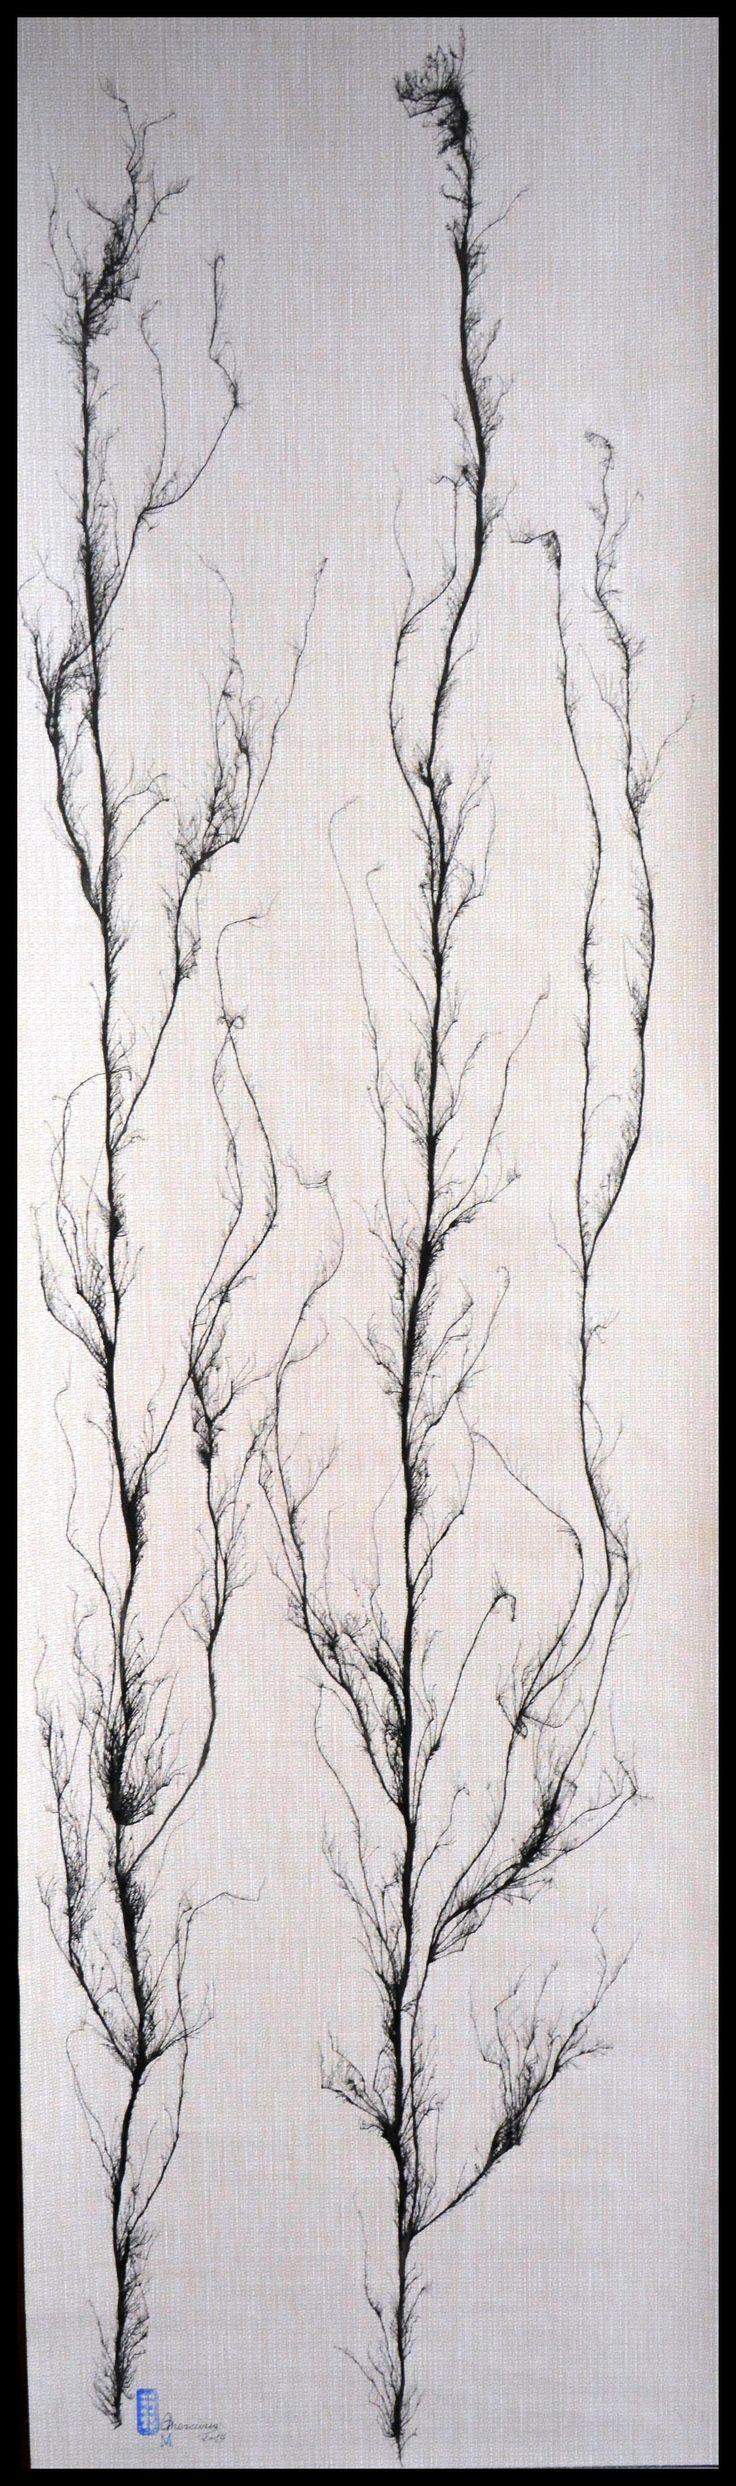 """FICHA TECNICA DE LAS OBRAS """"ARBOLES QUE MIRAIS AL CIELO"""" Nº7  La obra esta realizada con Tinta China al estilo de la escuela del sur de China, también conocida como """"pintura sin huesos"""" (pintura sin contornos). Autor: Mercurio Marin Soporte: Papel pintado. (150gr) Medidas:  Alto.-180cm  Ancho.-52cm Precio: 90€ Gasto de envío a la Península: 9€ (otros preguntar) Forma de pago: Contra reembolso Se envía en tubo de cartón rígido. Certificado de Autenticidad y Pieza Única."""